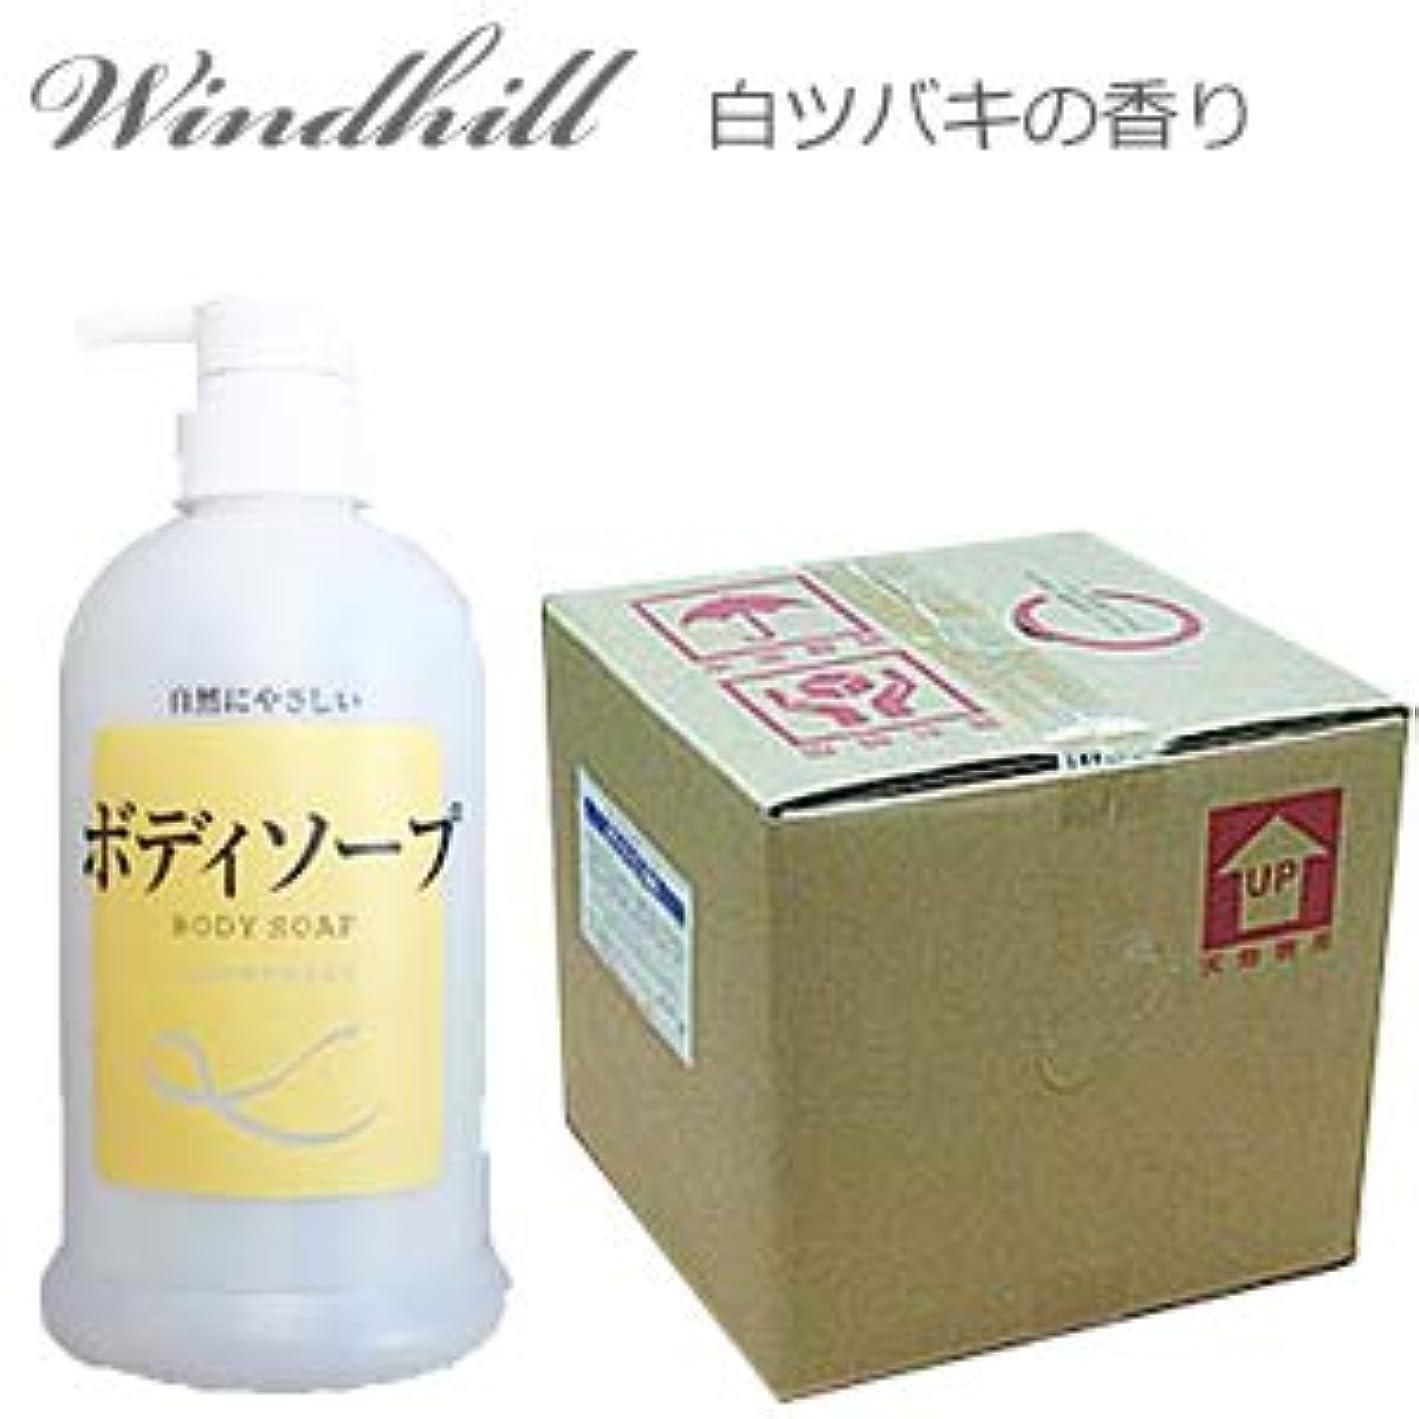 最もメンタリティ高いなんと! 500ml当り175円 Windhill 植物性 業務用 ボディソープ  白ツバキの香り 20L